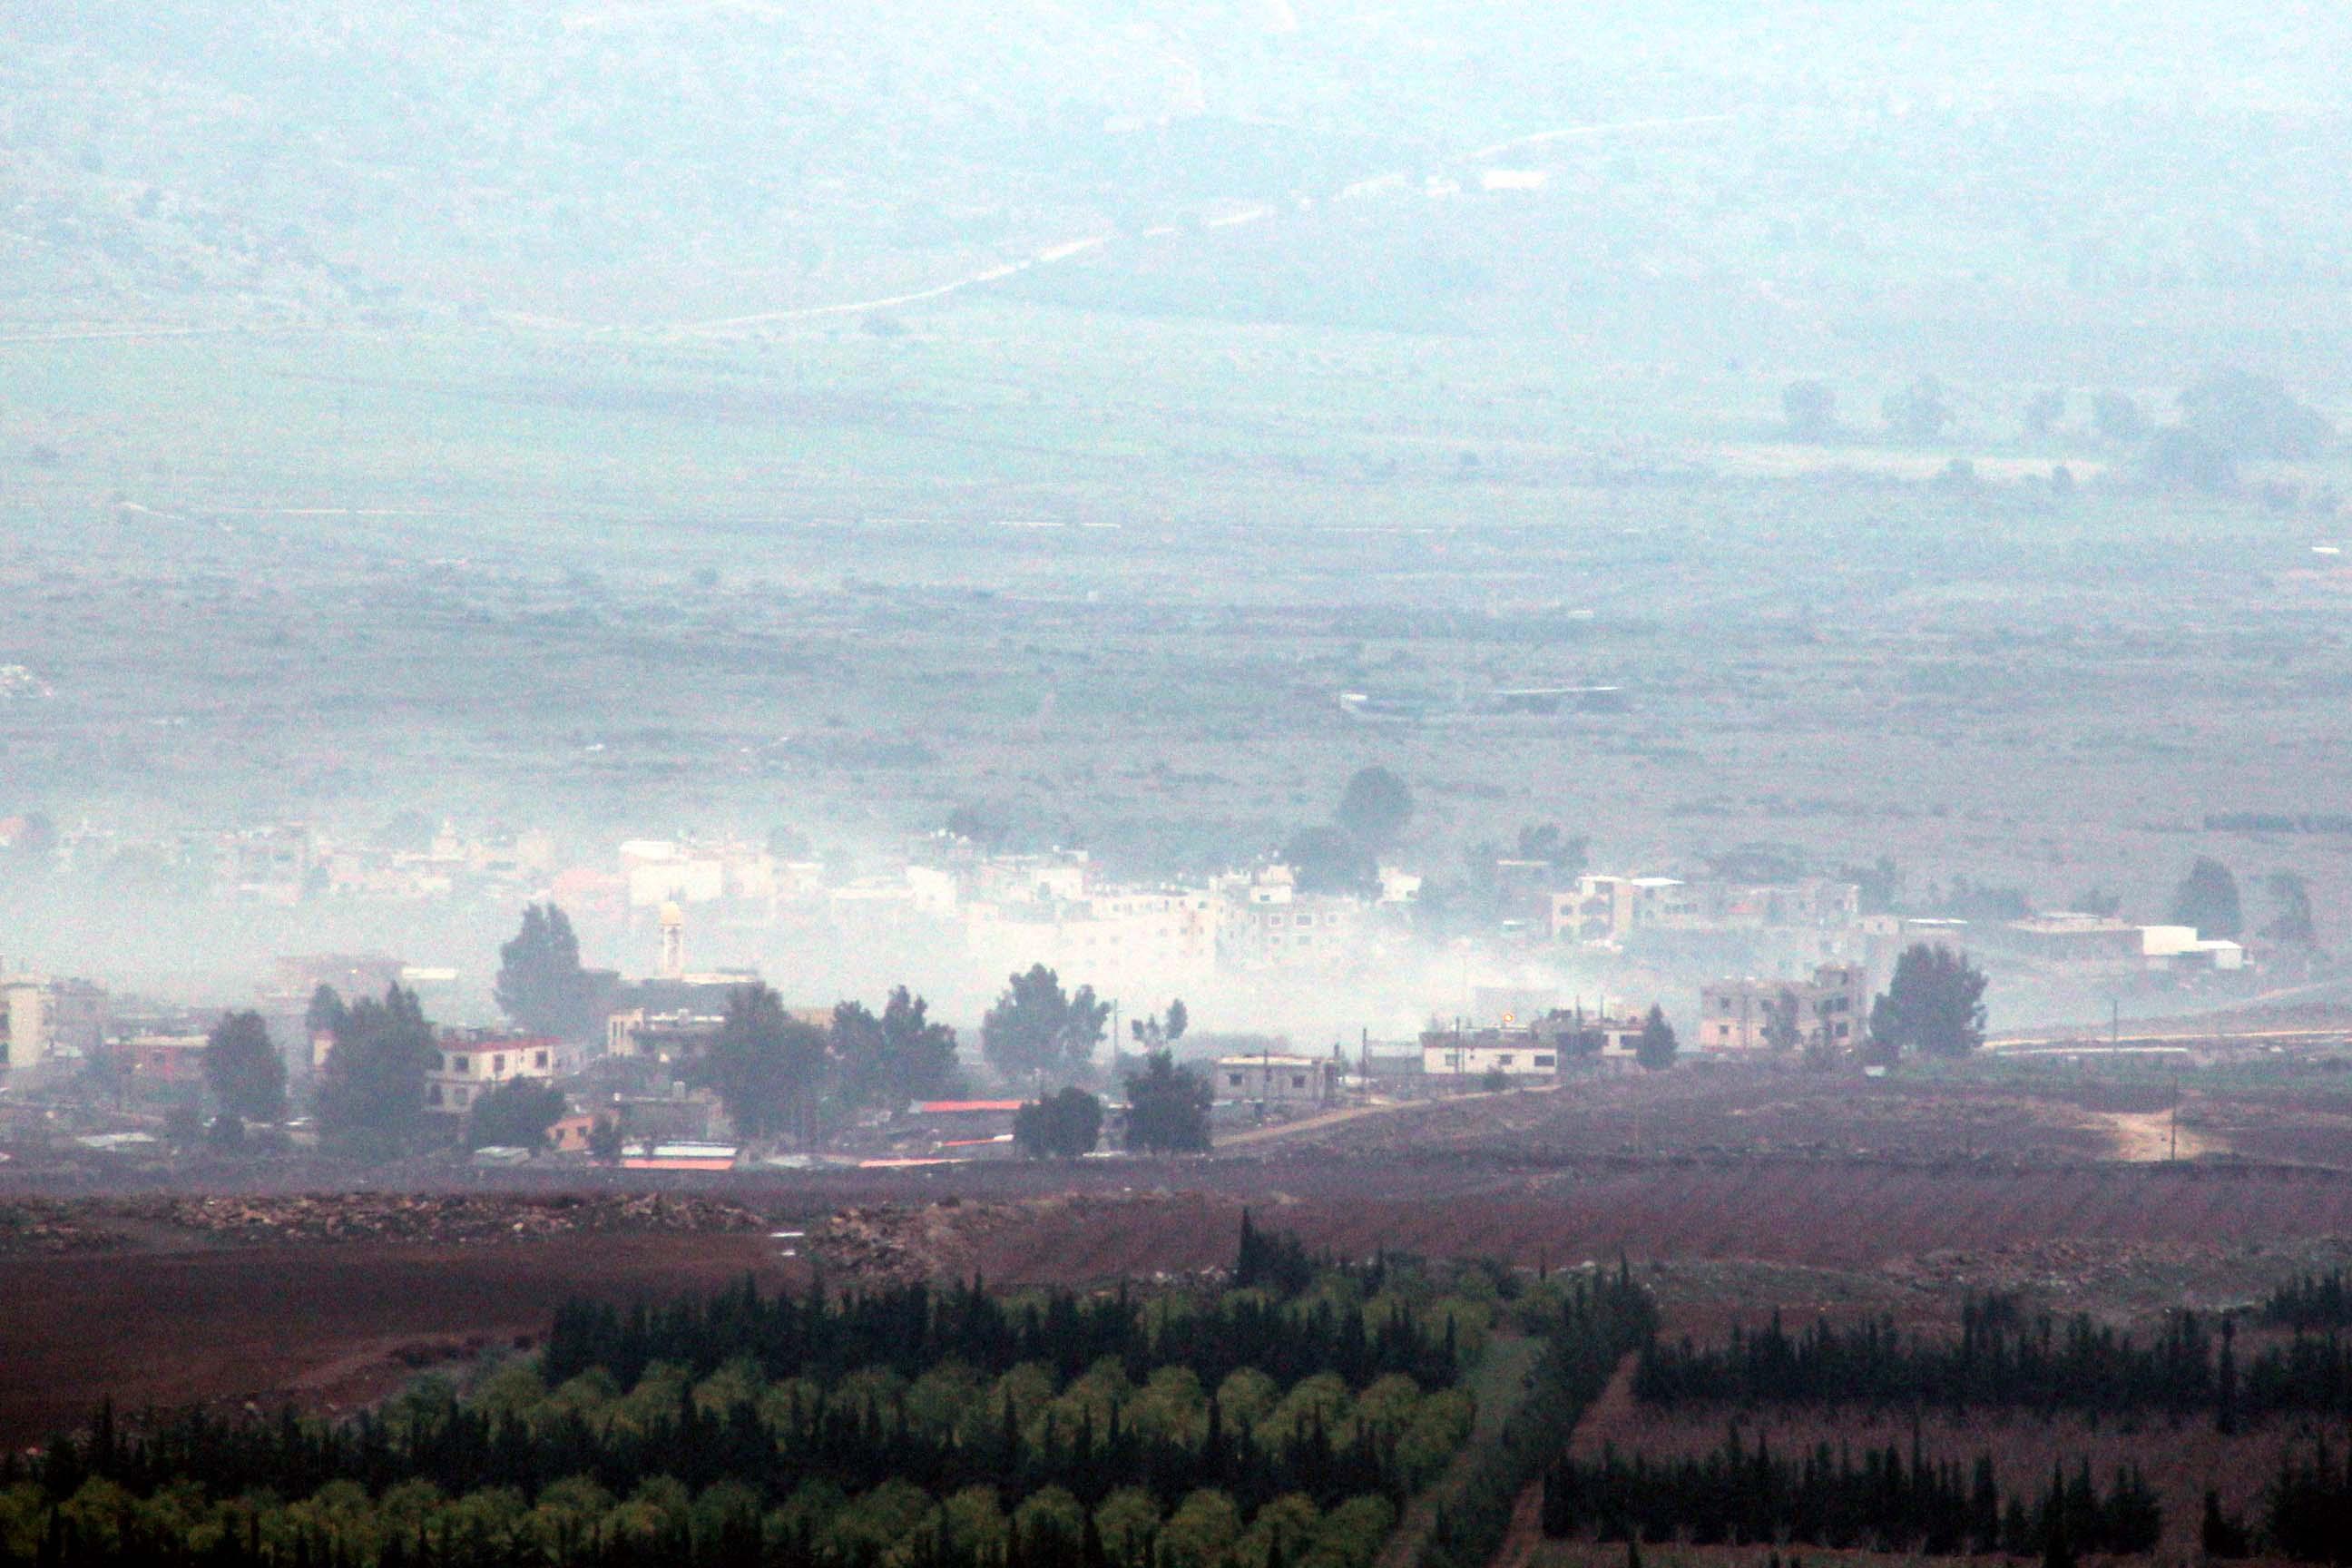 التوتر استمر في الجنوب رغم الانسحاب الإسرائيلي.